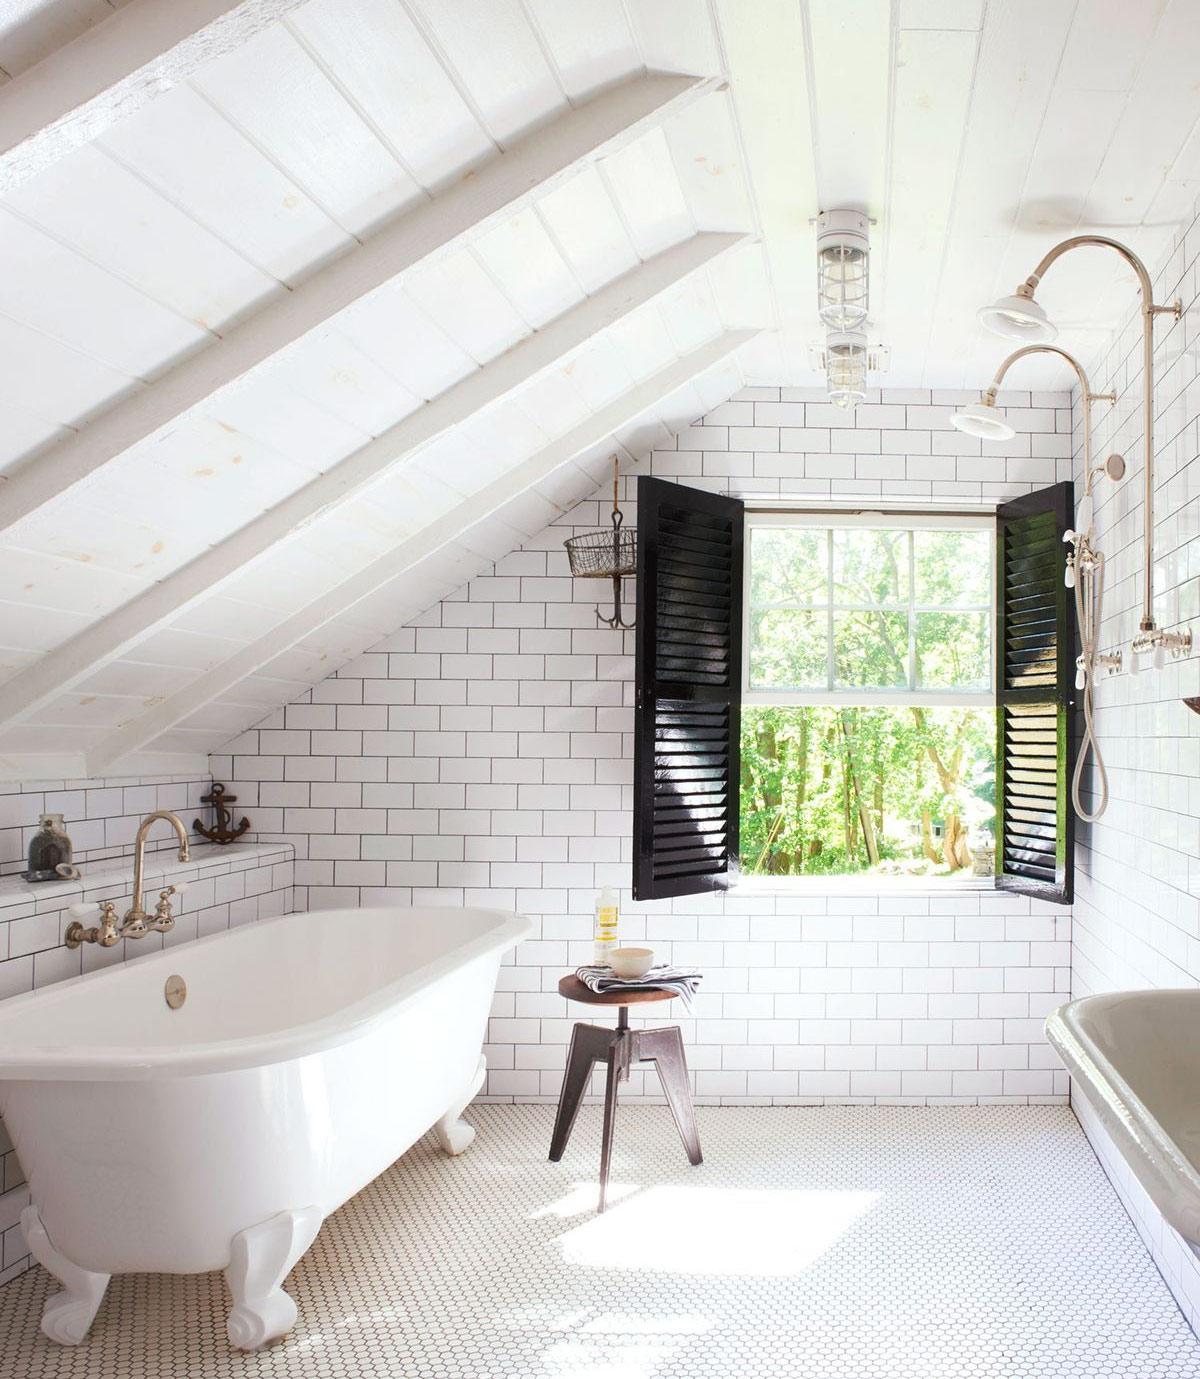 Tận dụng tầng gác mái để thiết kế nhà tắm tràn đầy ánh nắng